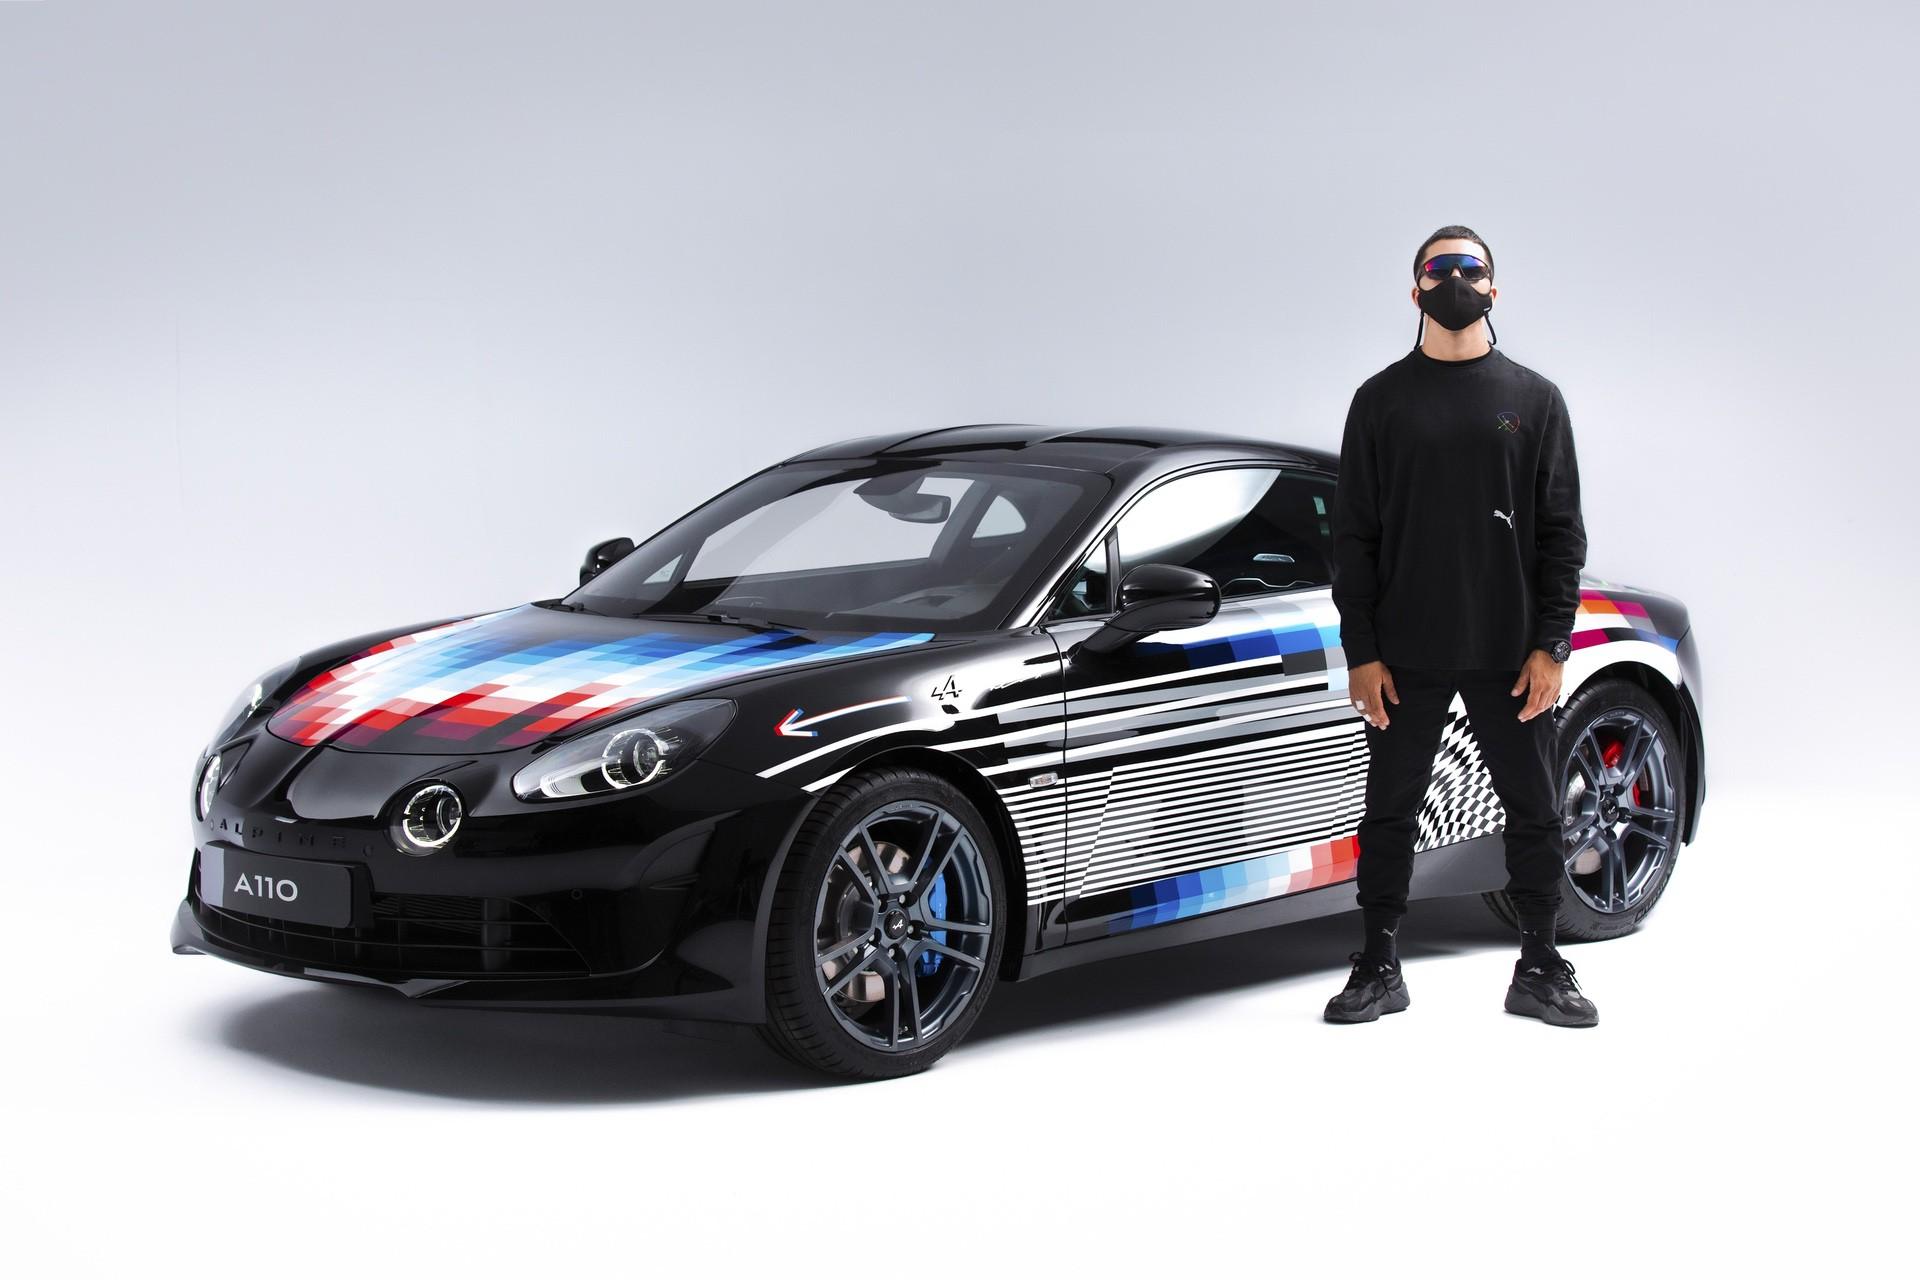 11-2021-Alpine-A110-x-Felipe-Pantone